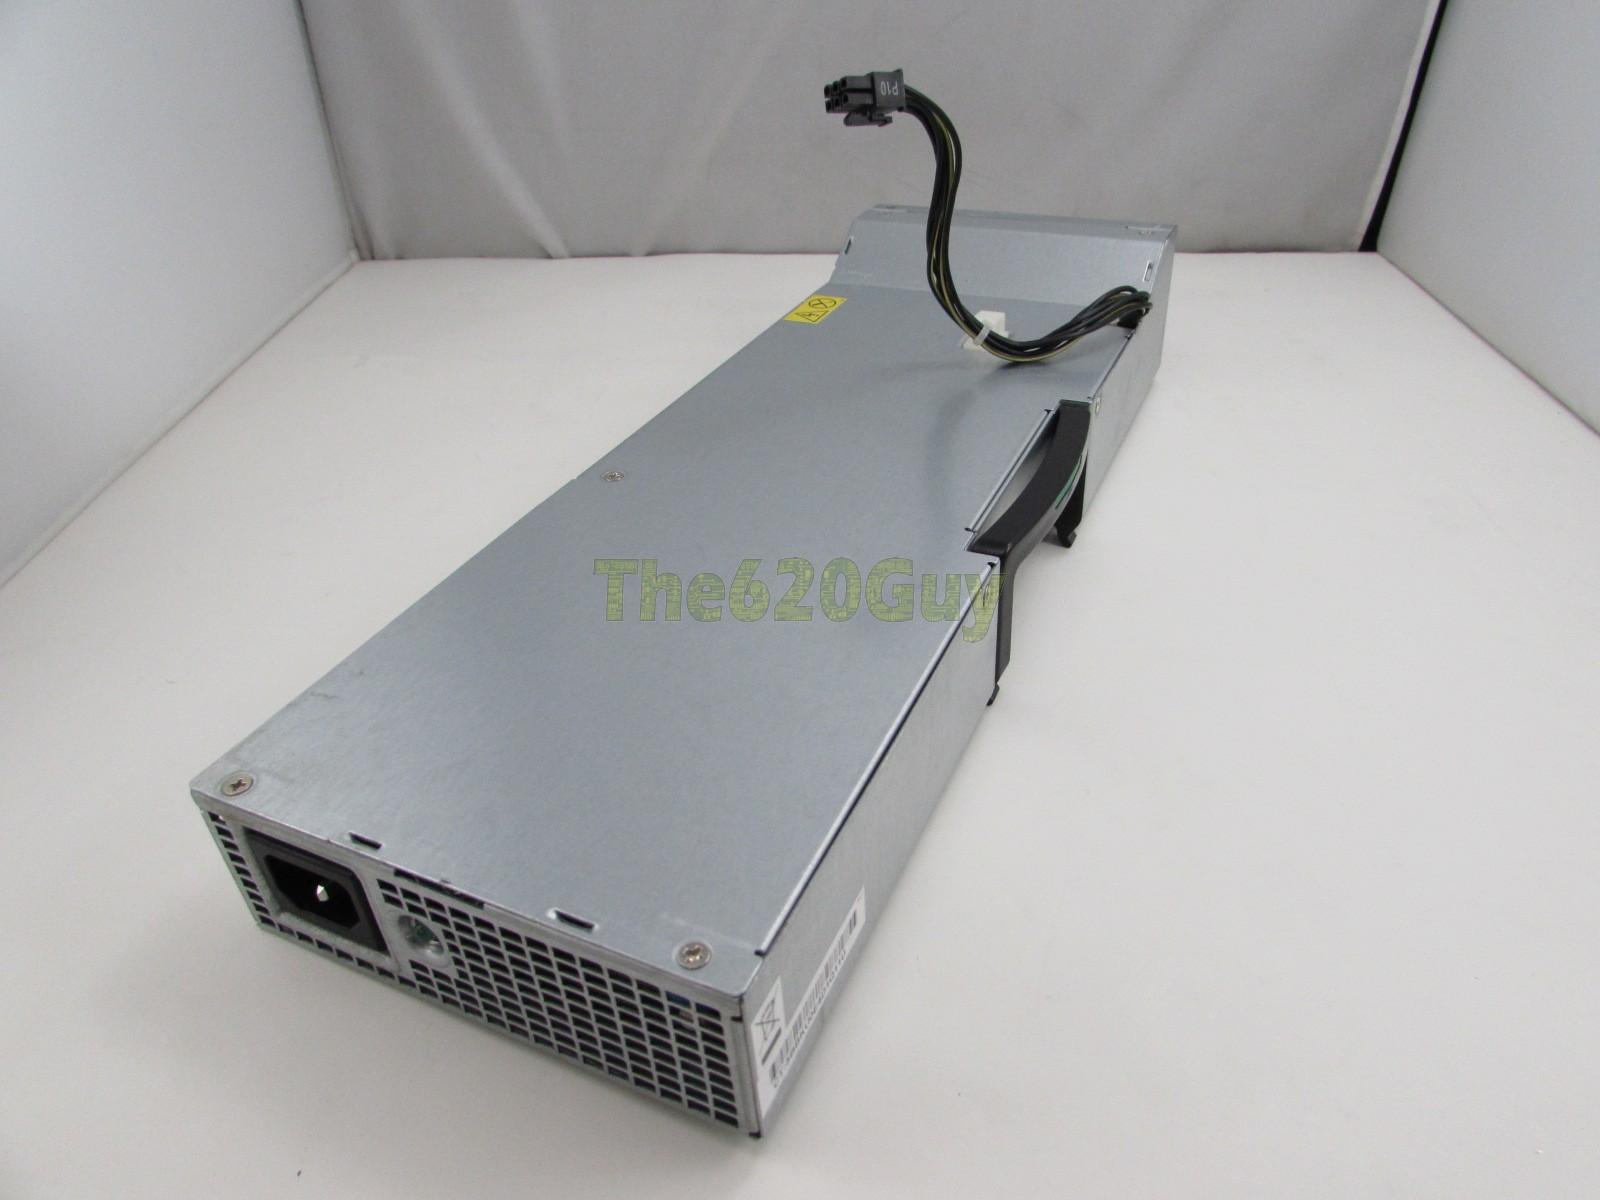 Hp Z600 Workstation 650w 80 Plus Bronze Power Supply